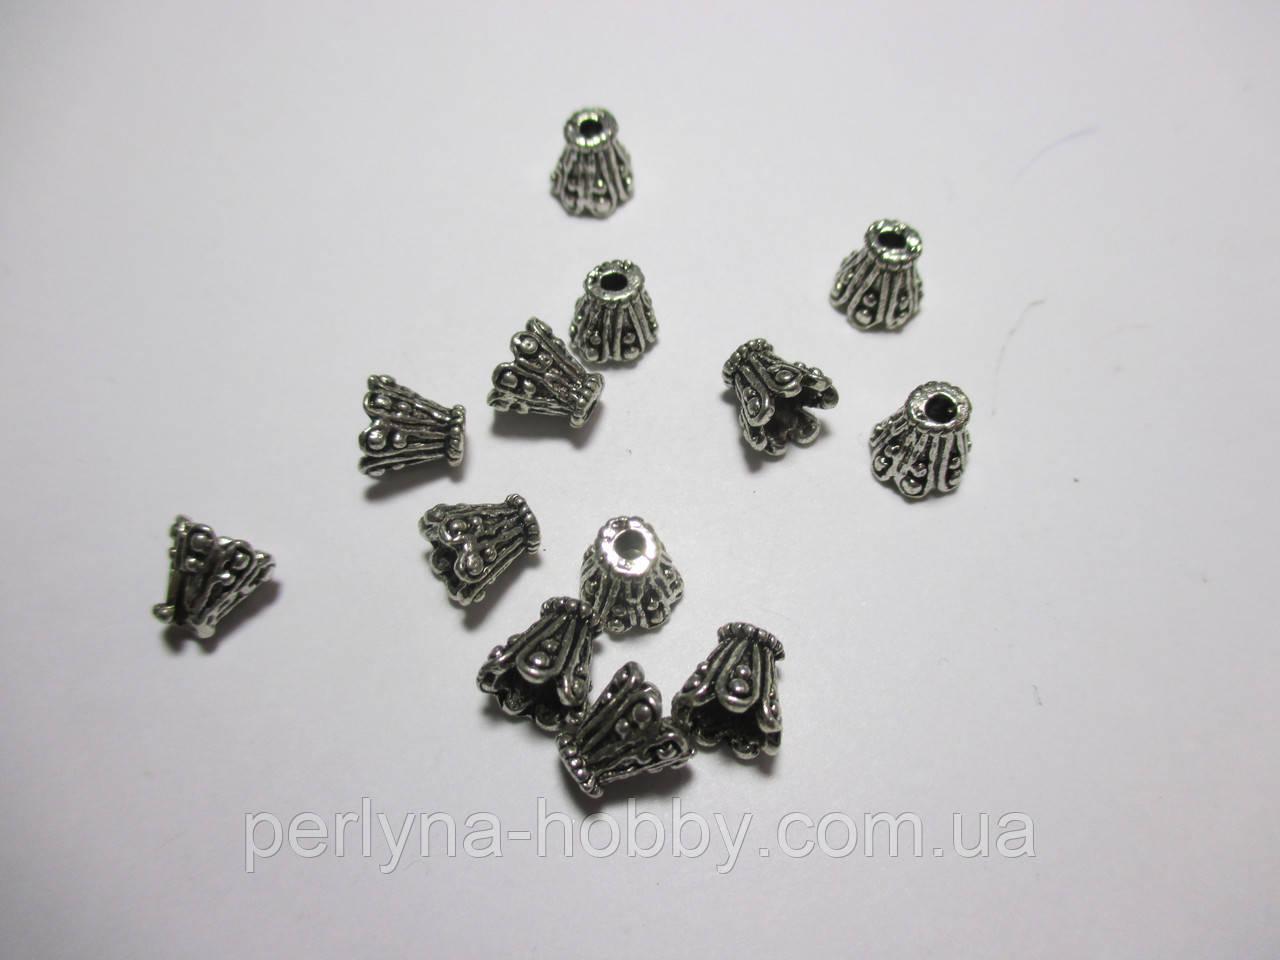 Обіймачі для біжетерії Конус ажурні, литий метал колір античне срібло темне10 шт